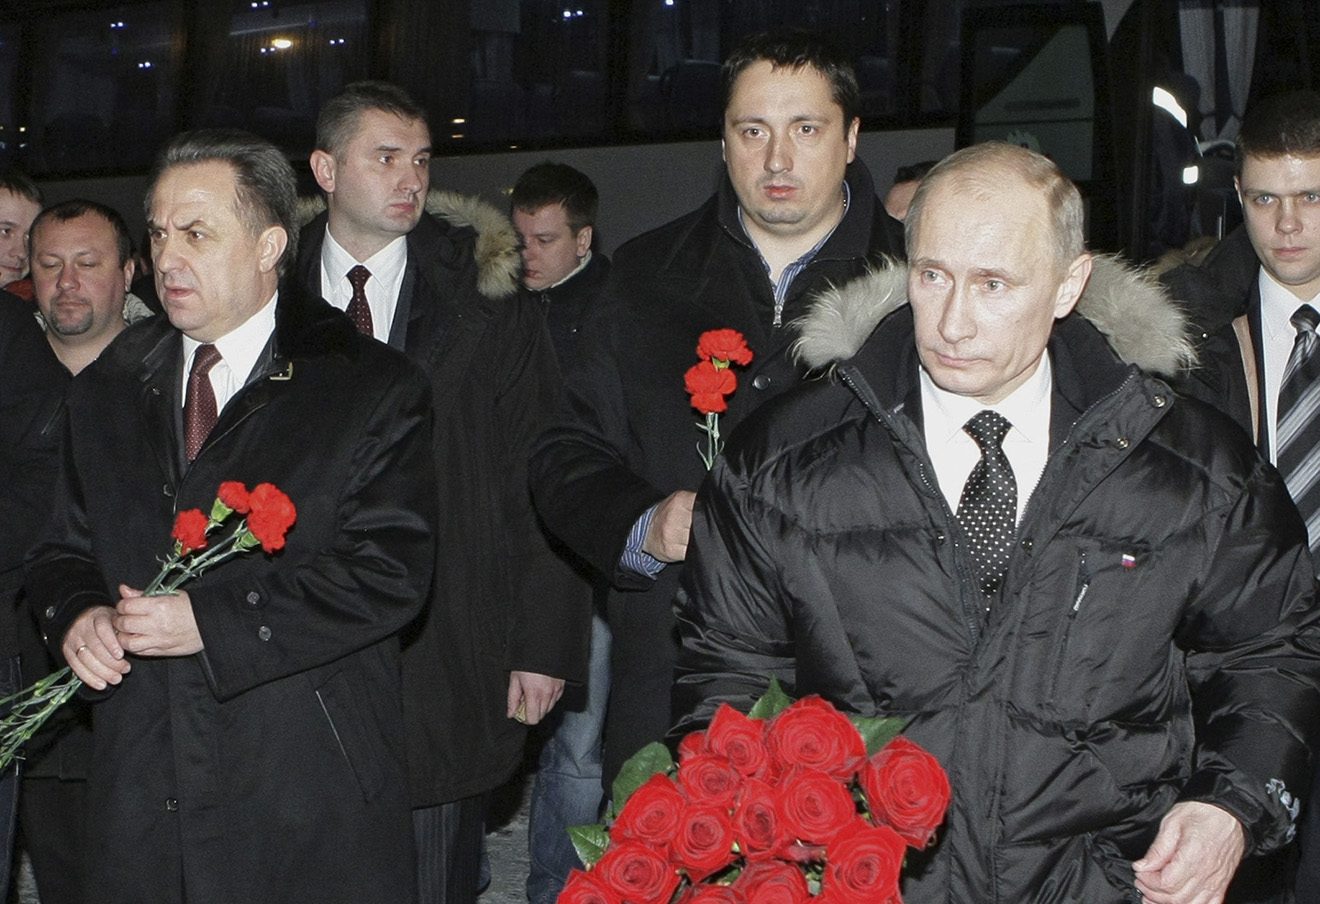 Александр Шпрыгин (в центре), Владимир Путин и Виталий Мутко возлагают цветы к могиле Егора Свиридова, 2010 год.